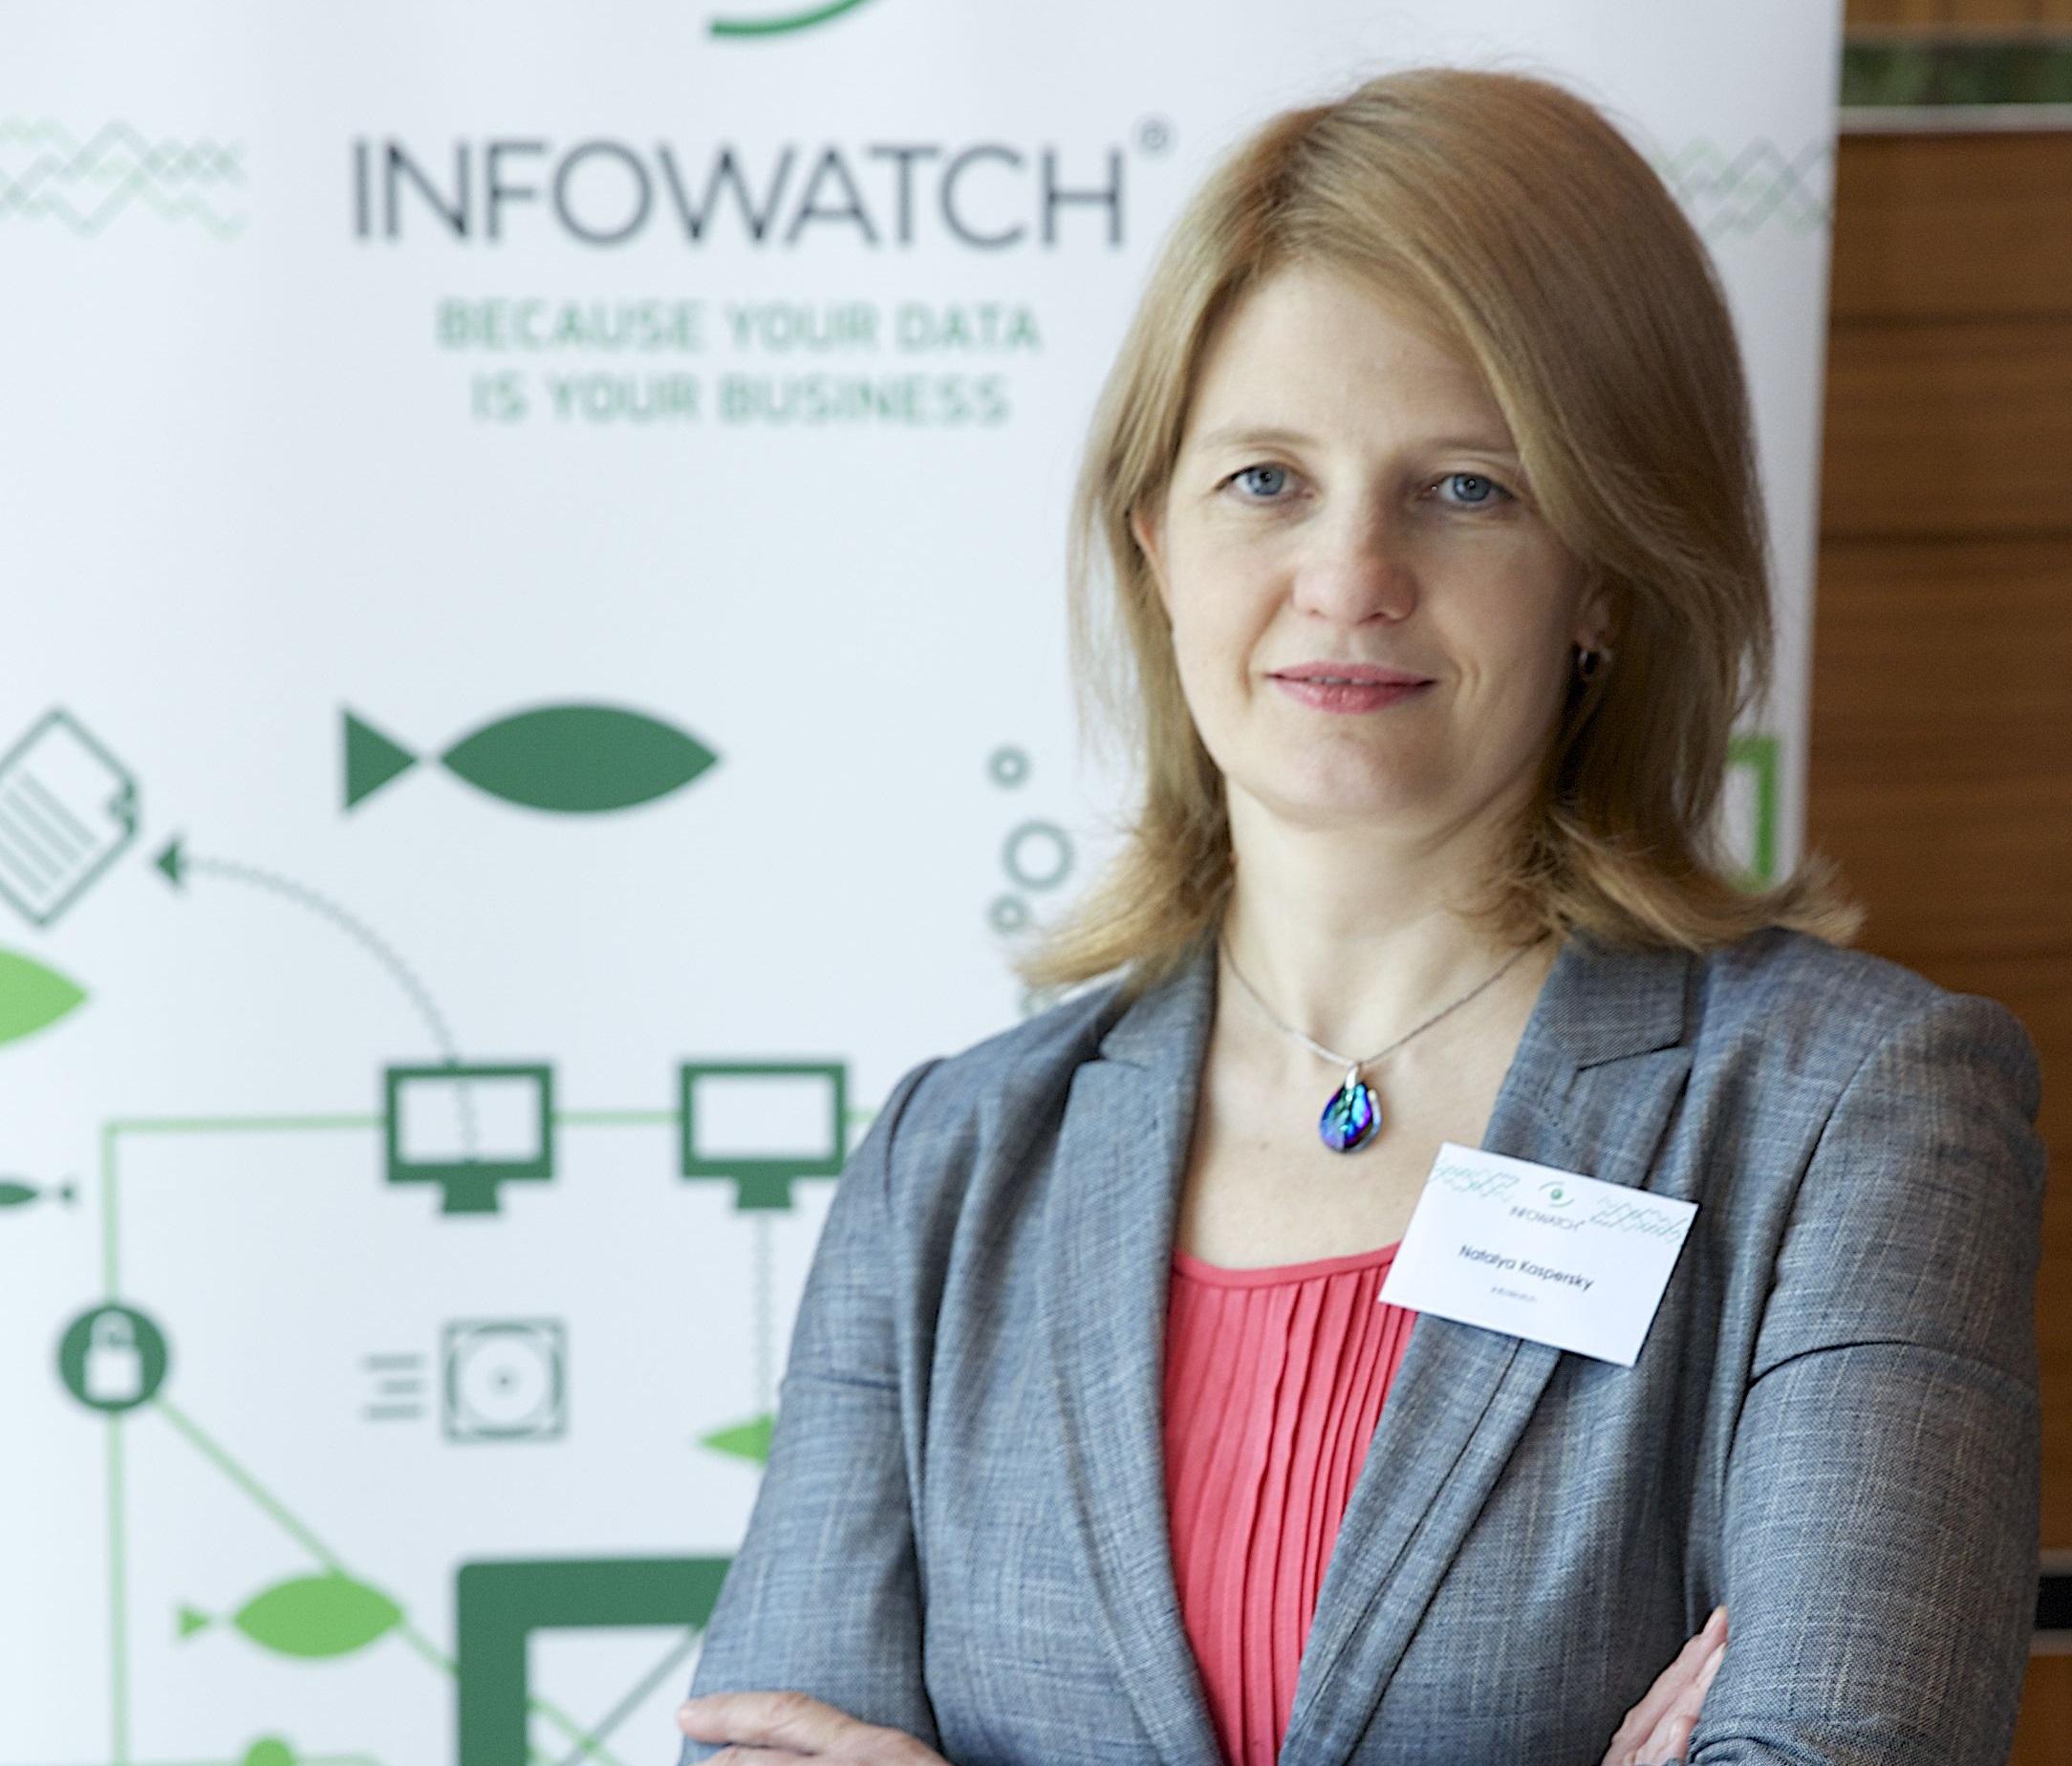 Natalya Kaspersky – CEO of InfoWatch